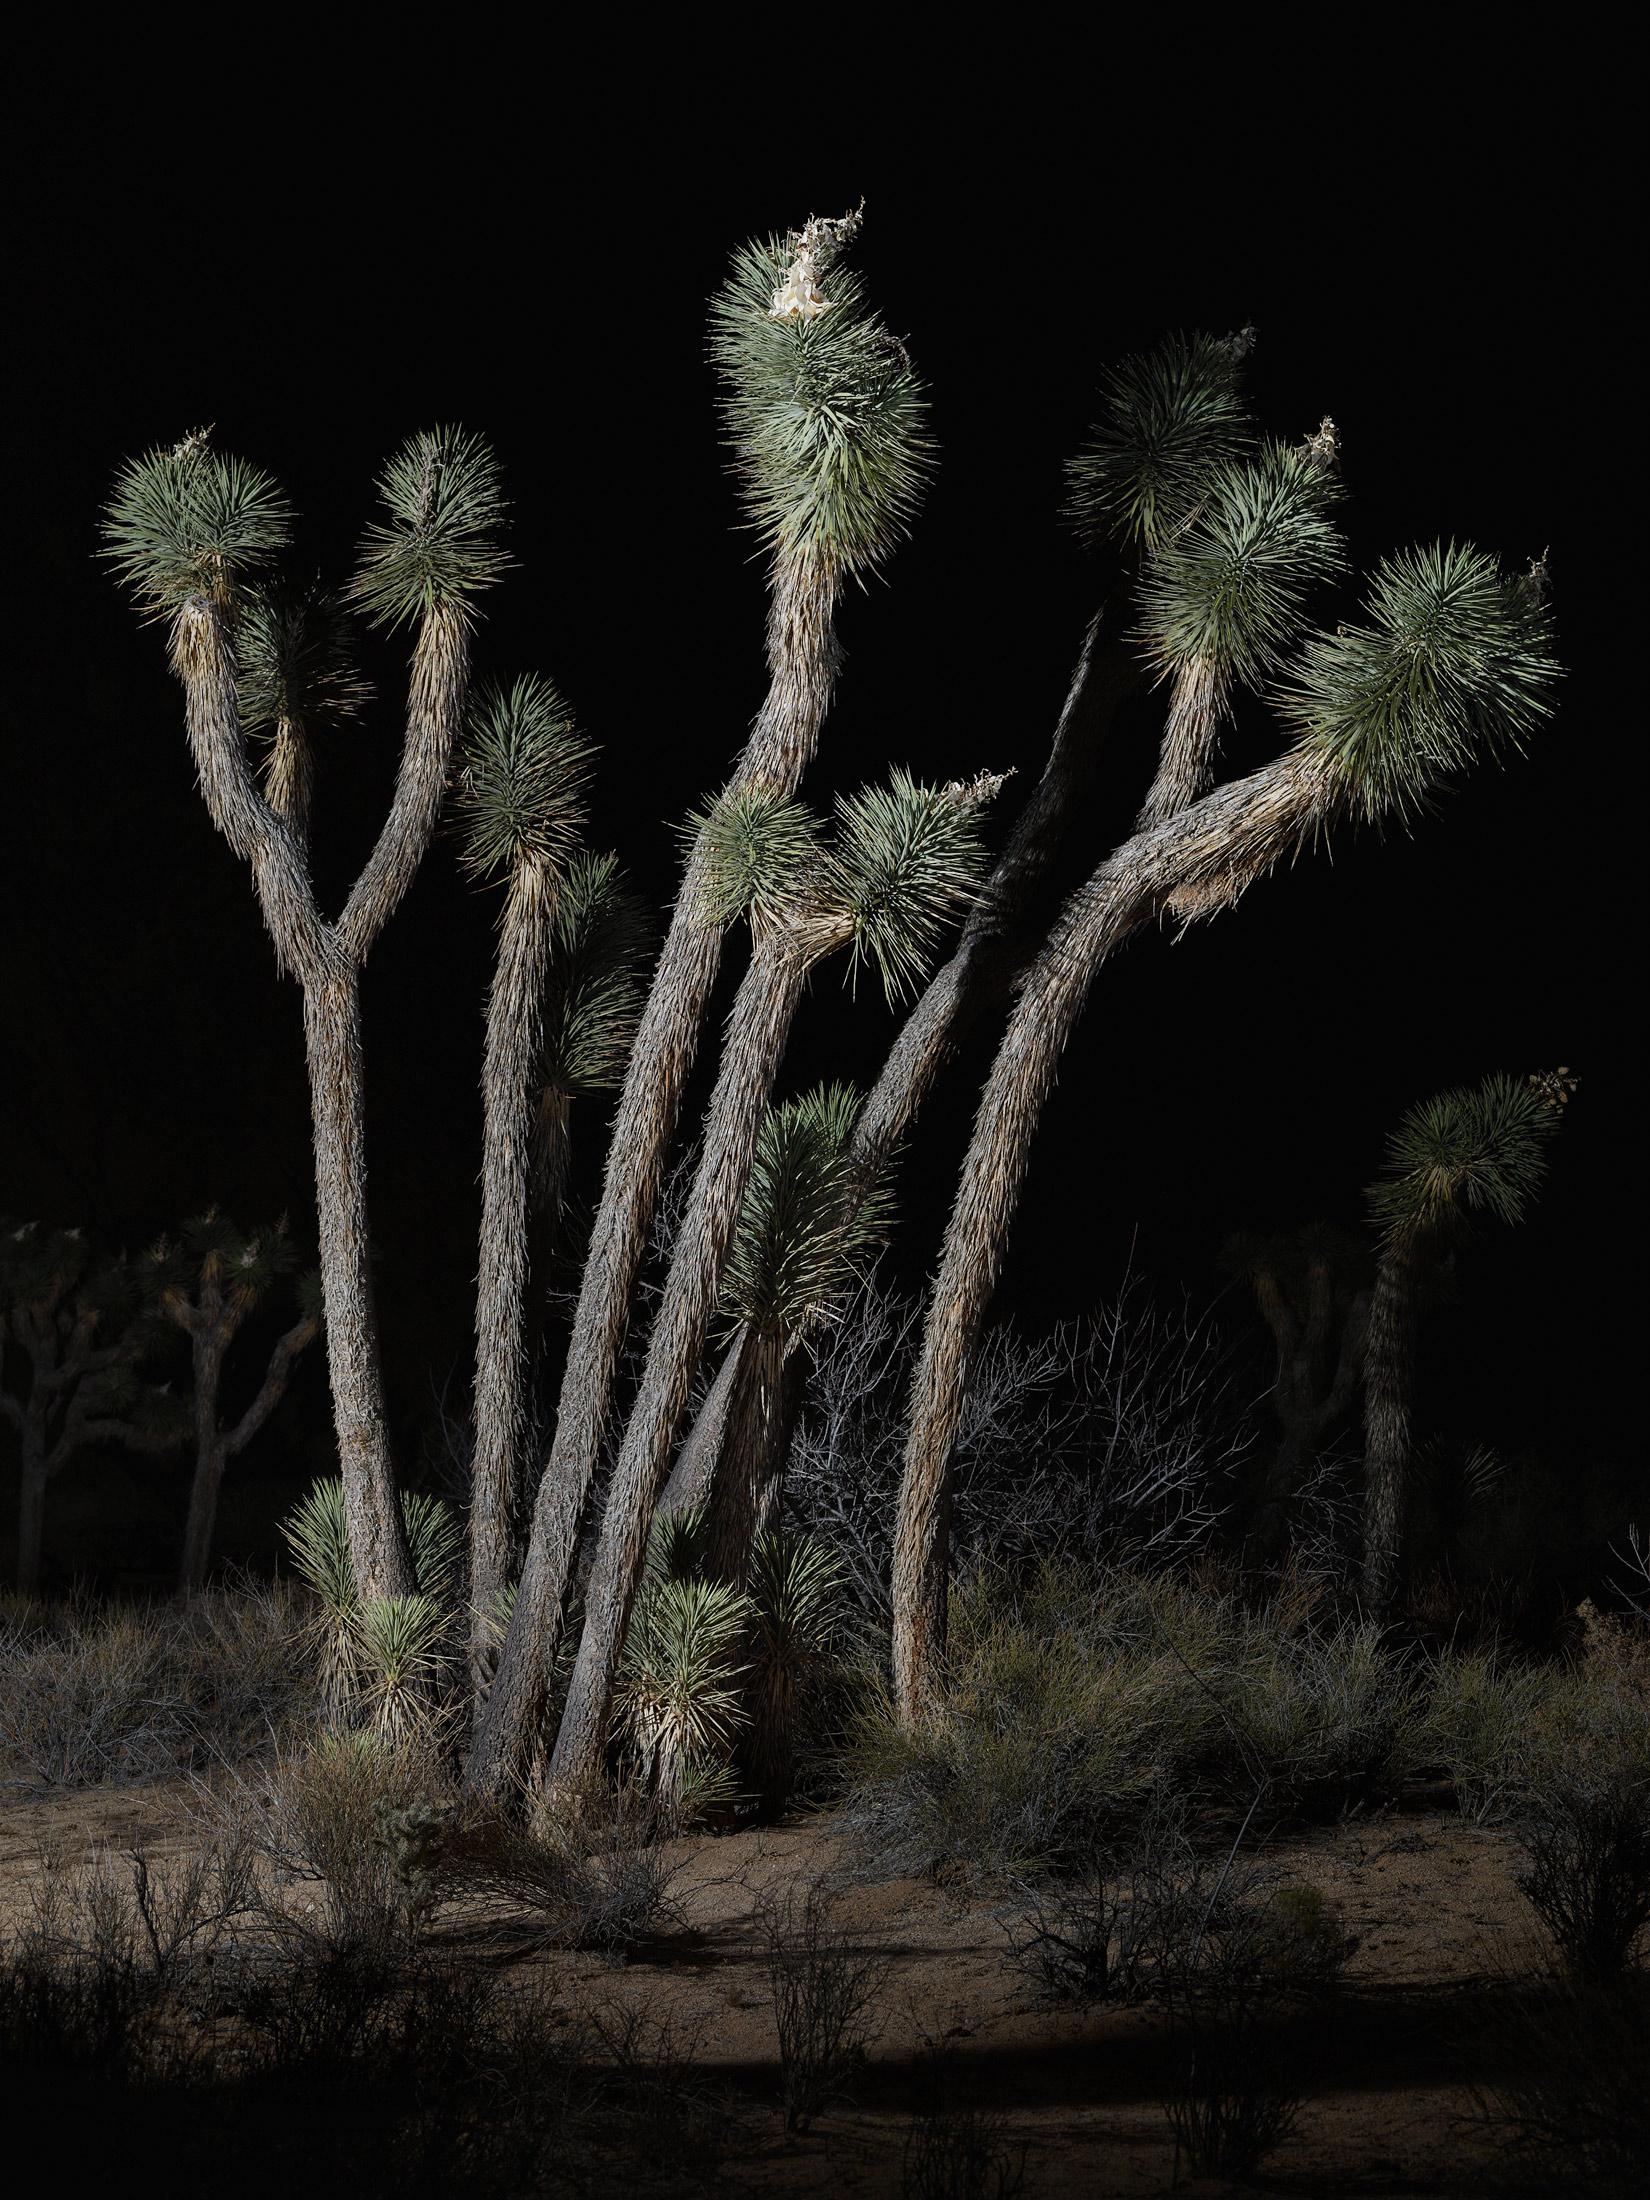 tree #6    70x94 in/180x239cm  1+1AP 60x80 in/152x203cm  2+1AP 45x60 in/114x152cm  3+1AP 30x40 in/75x100cm  5+1AP